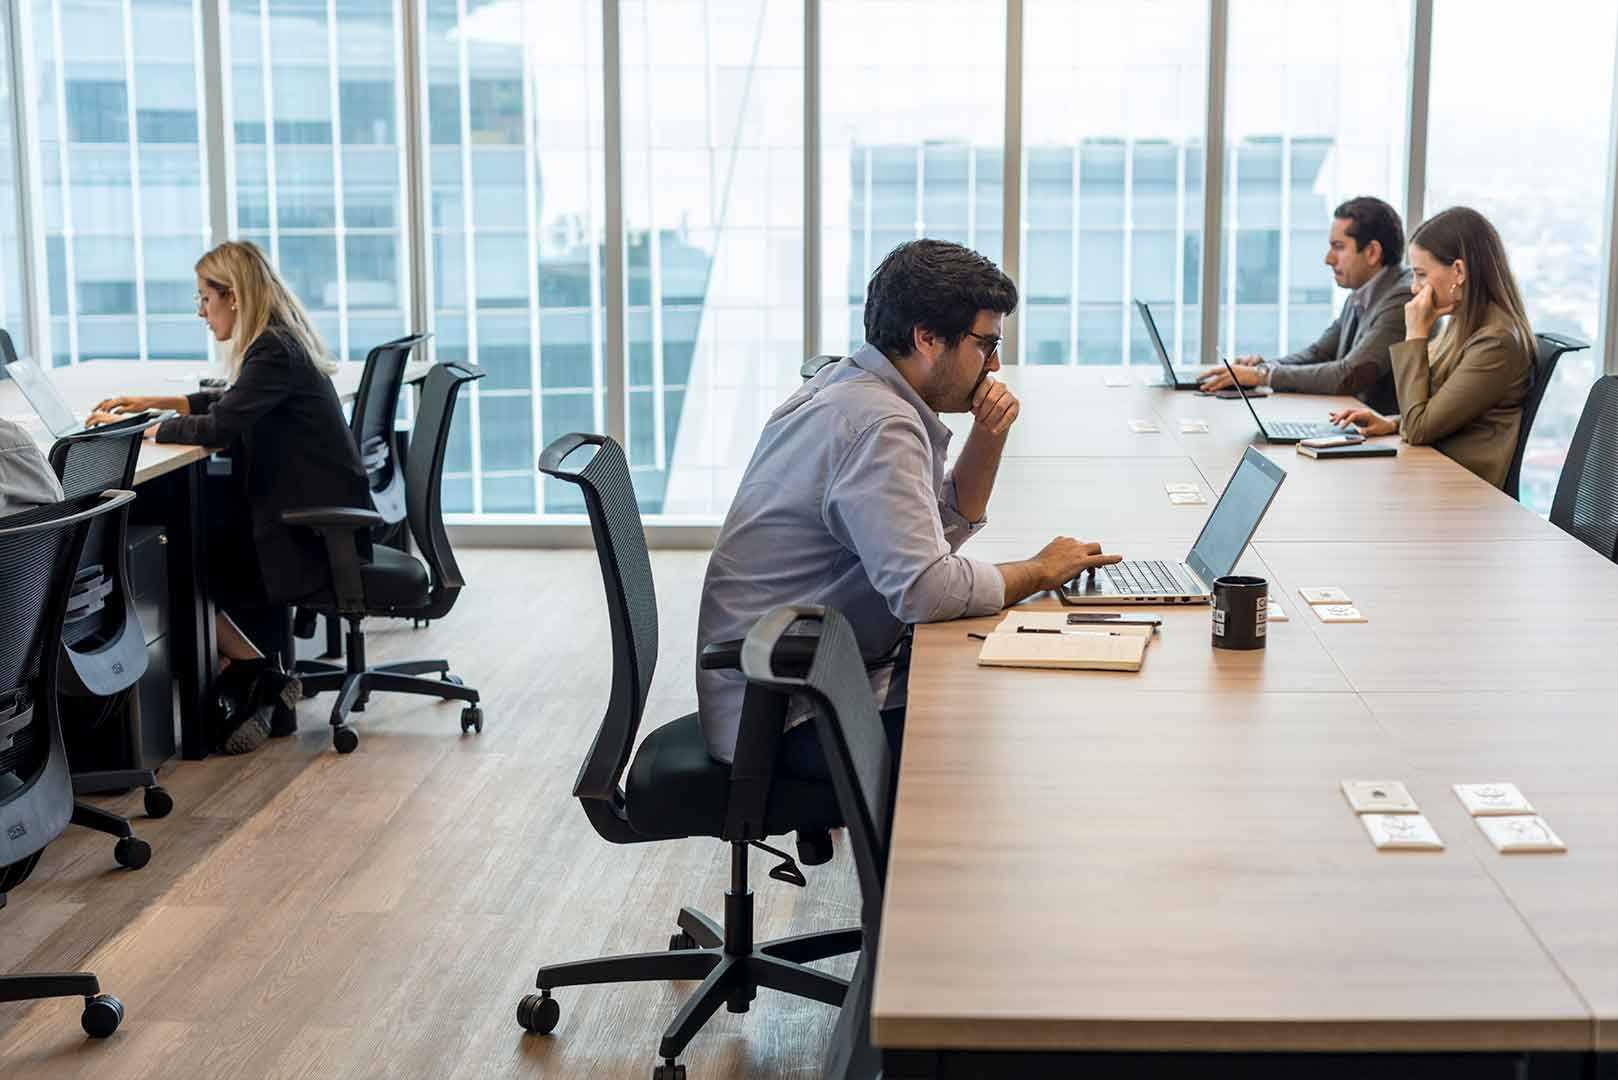 personas trabajando en una oficina de coworking